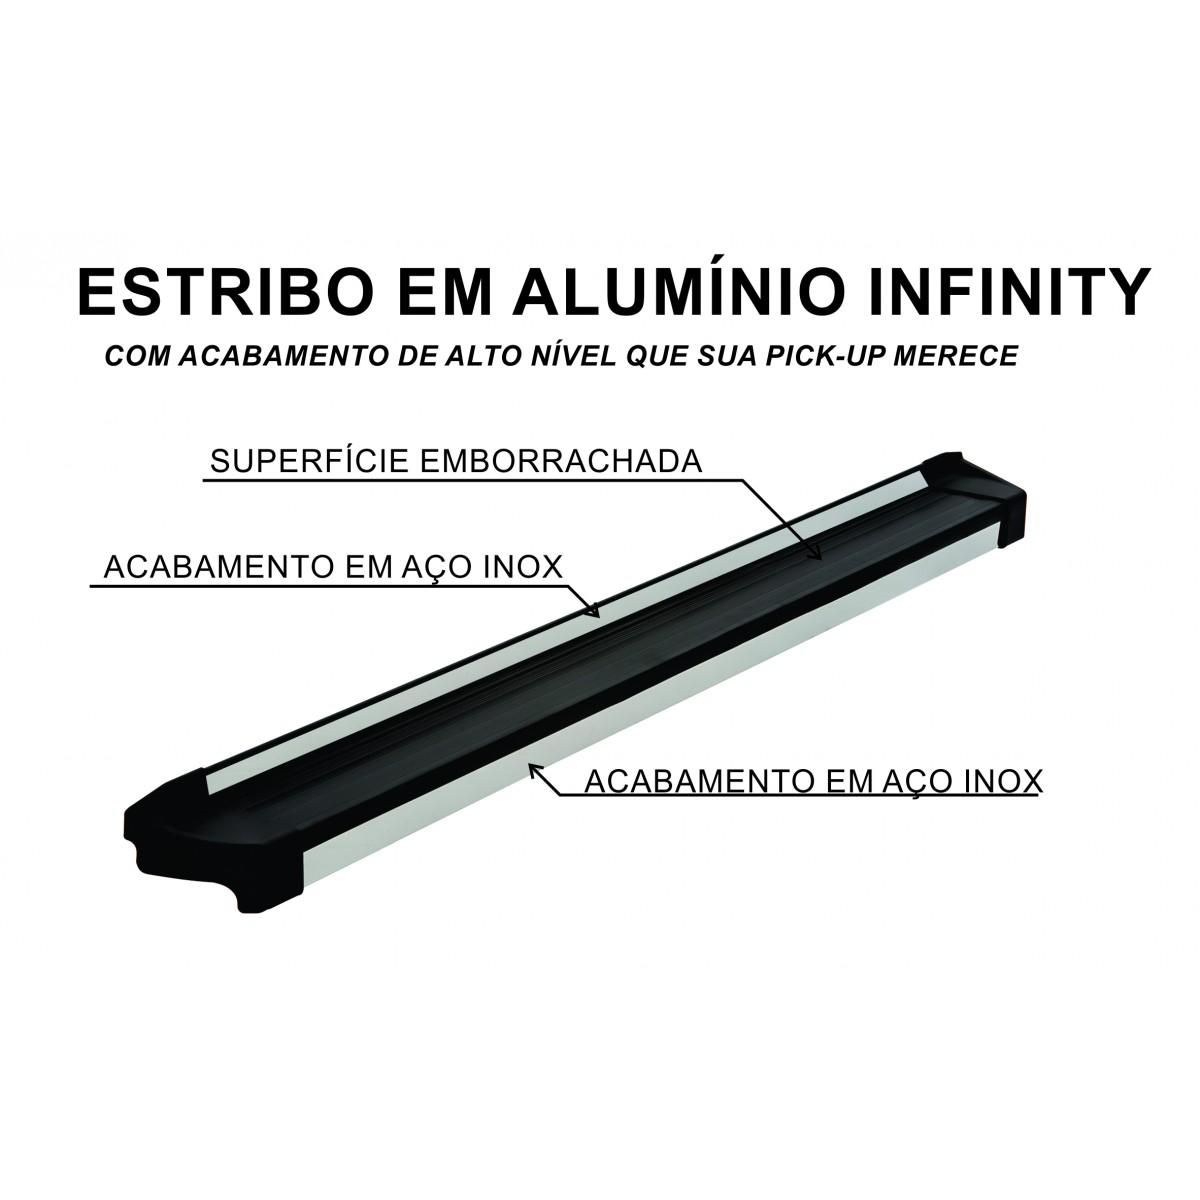 Estribo infinity em borrachado com inox  - TERRA DE ASFALTO ACESSÓRIOS